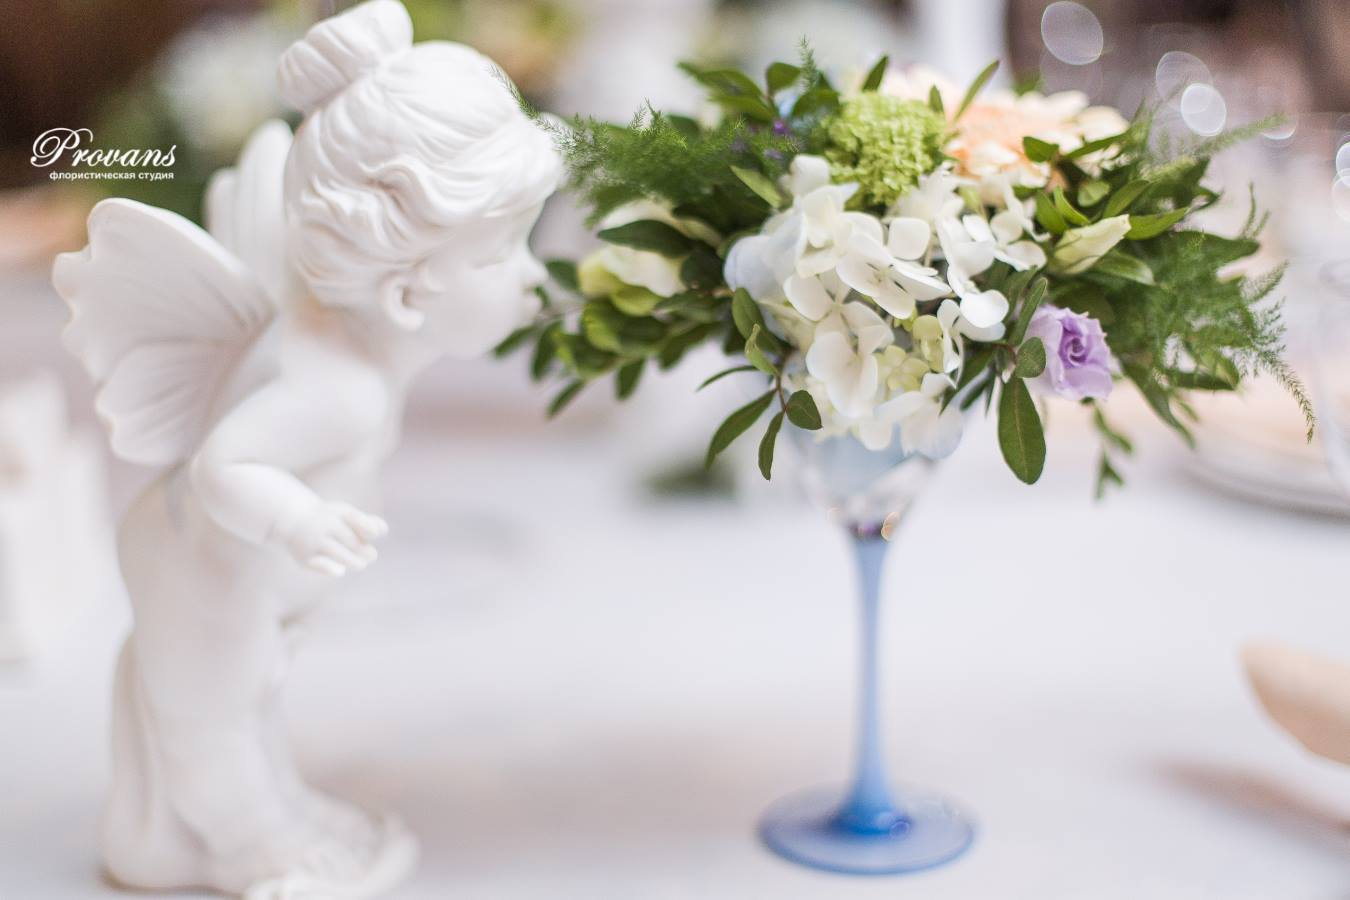 Свадебное оформление банкетного зала. Ангелочек. Композиция на стол молодоженам